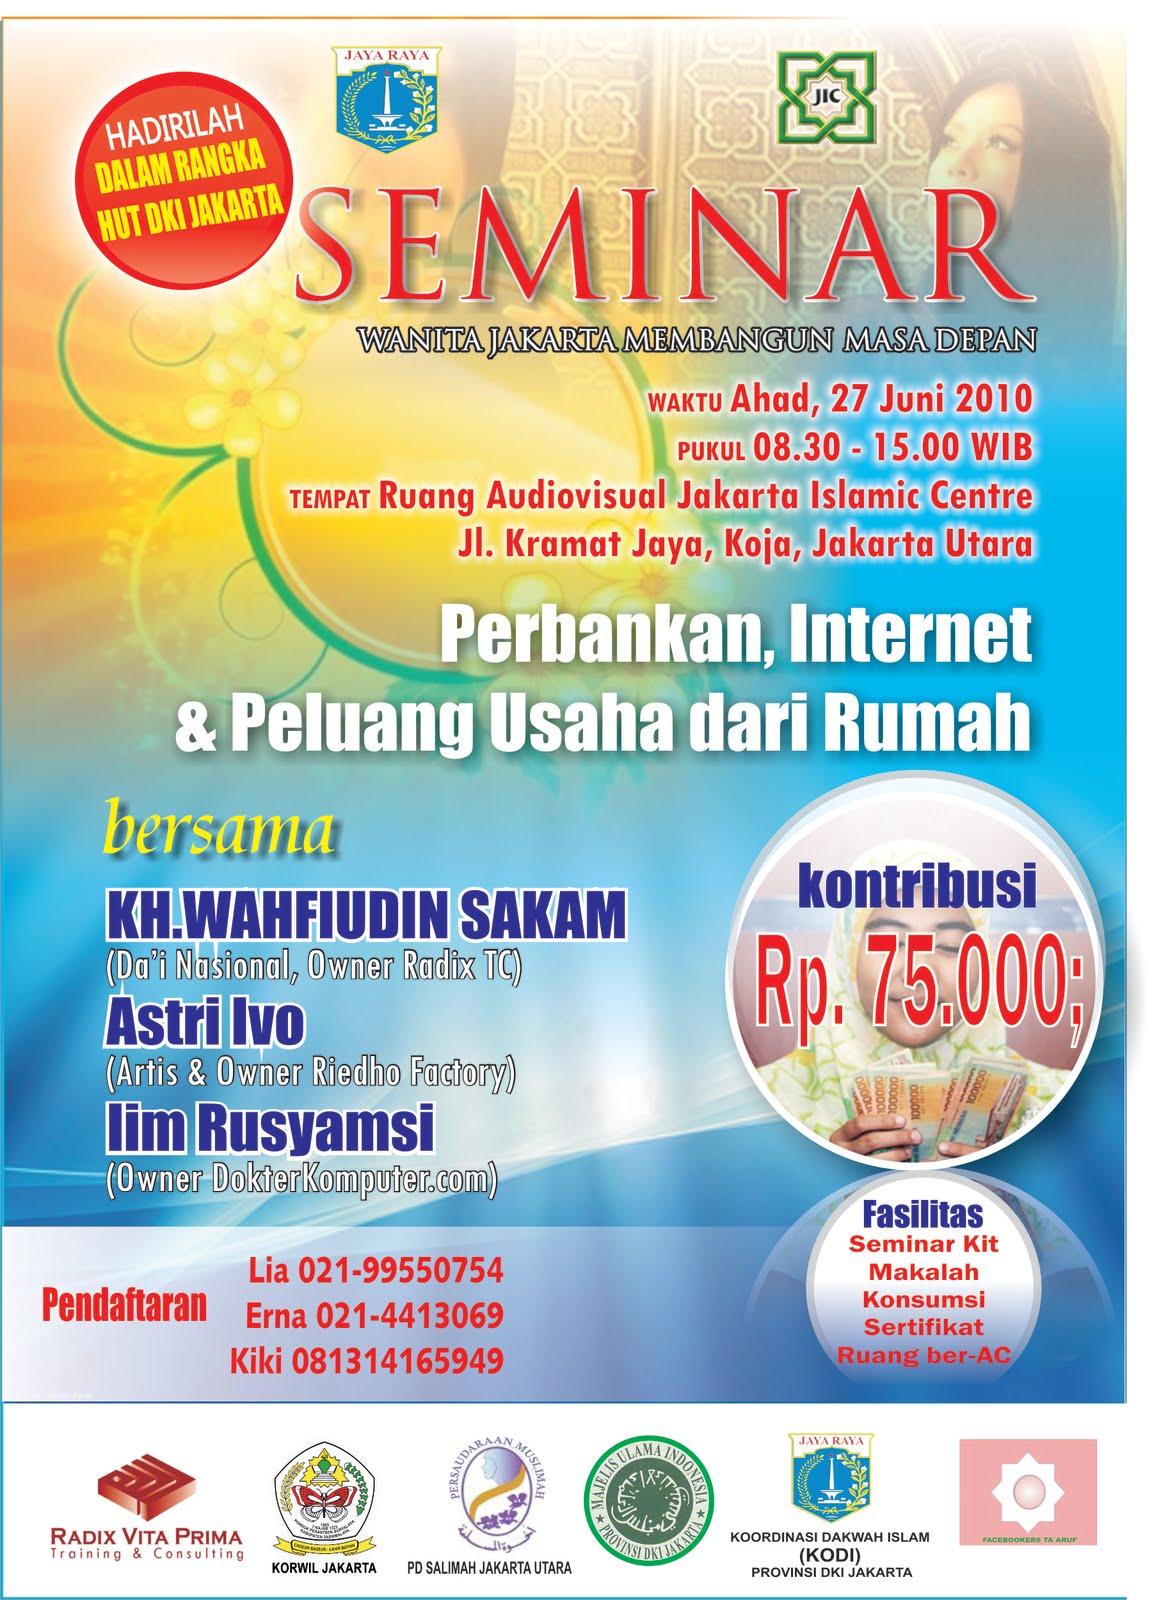 Contoh Brosur Seminar